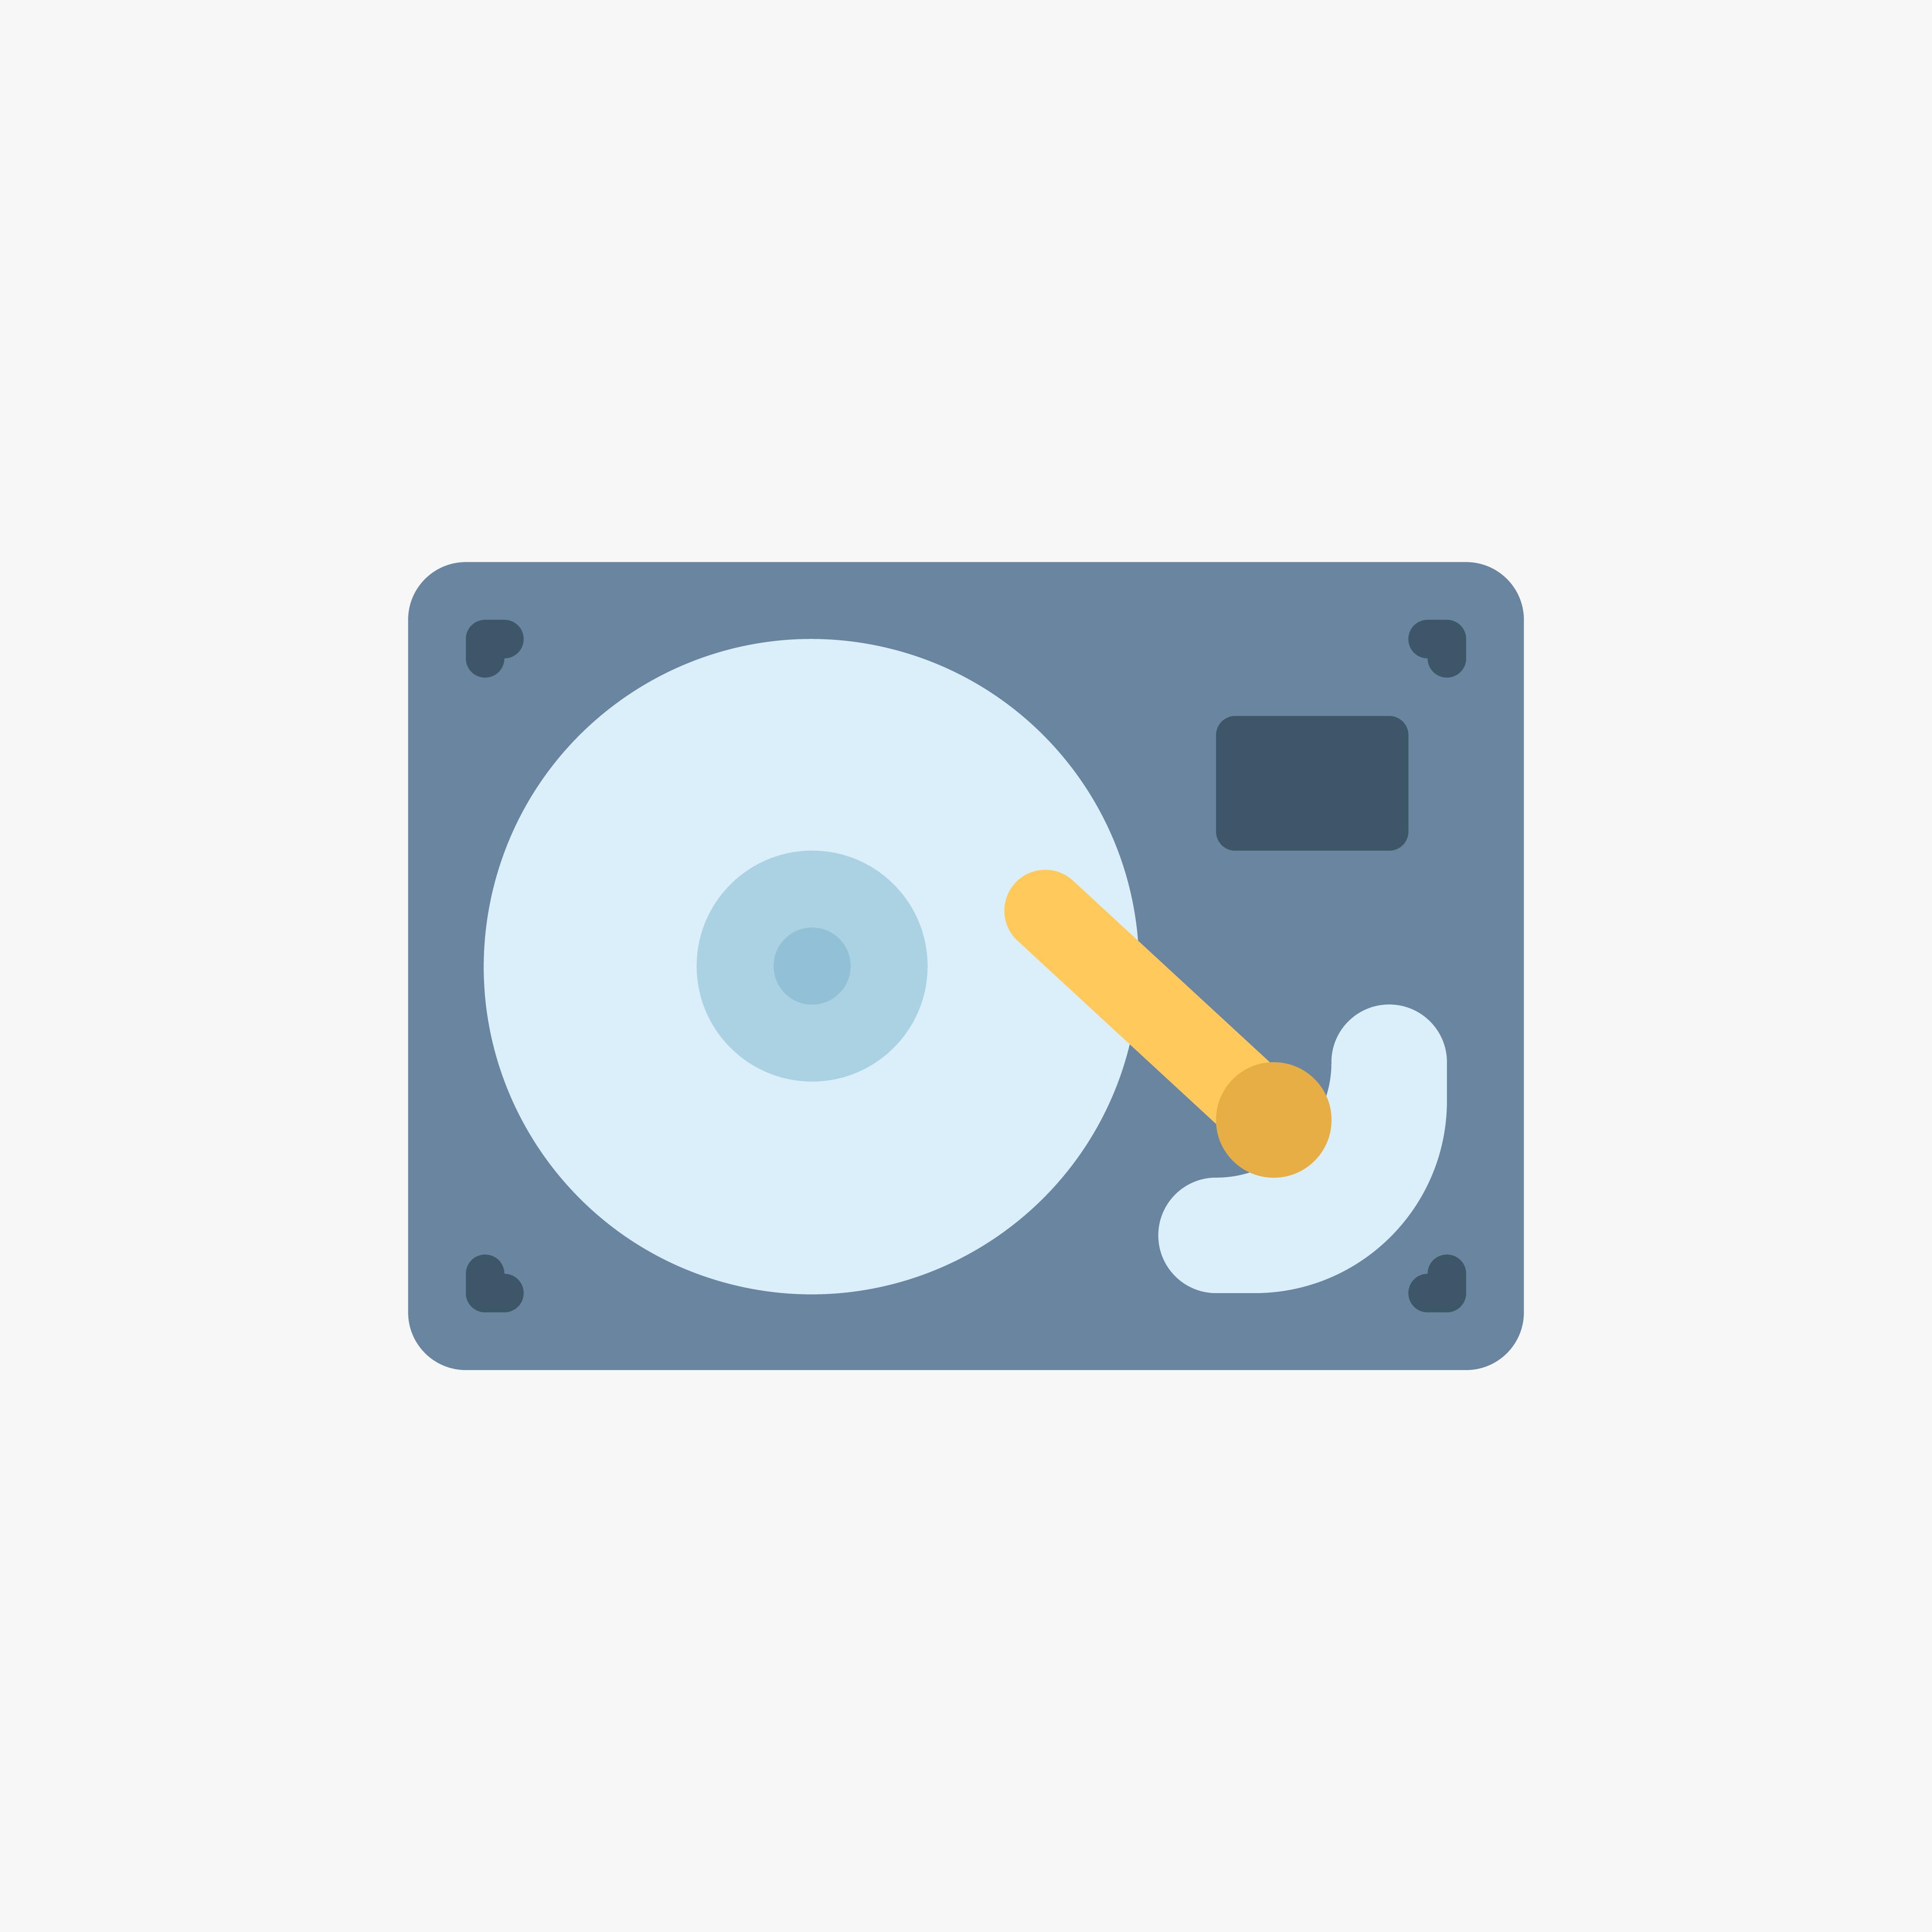 DELL OPTIPLEX GX110 ,SKT 370, HU-384WJ, CPU 866MHZ,